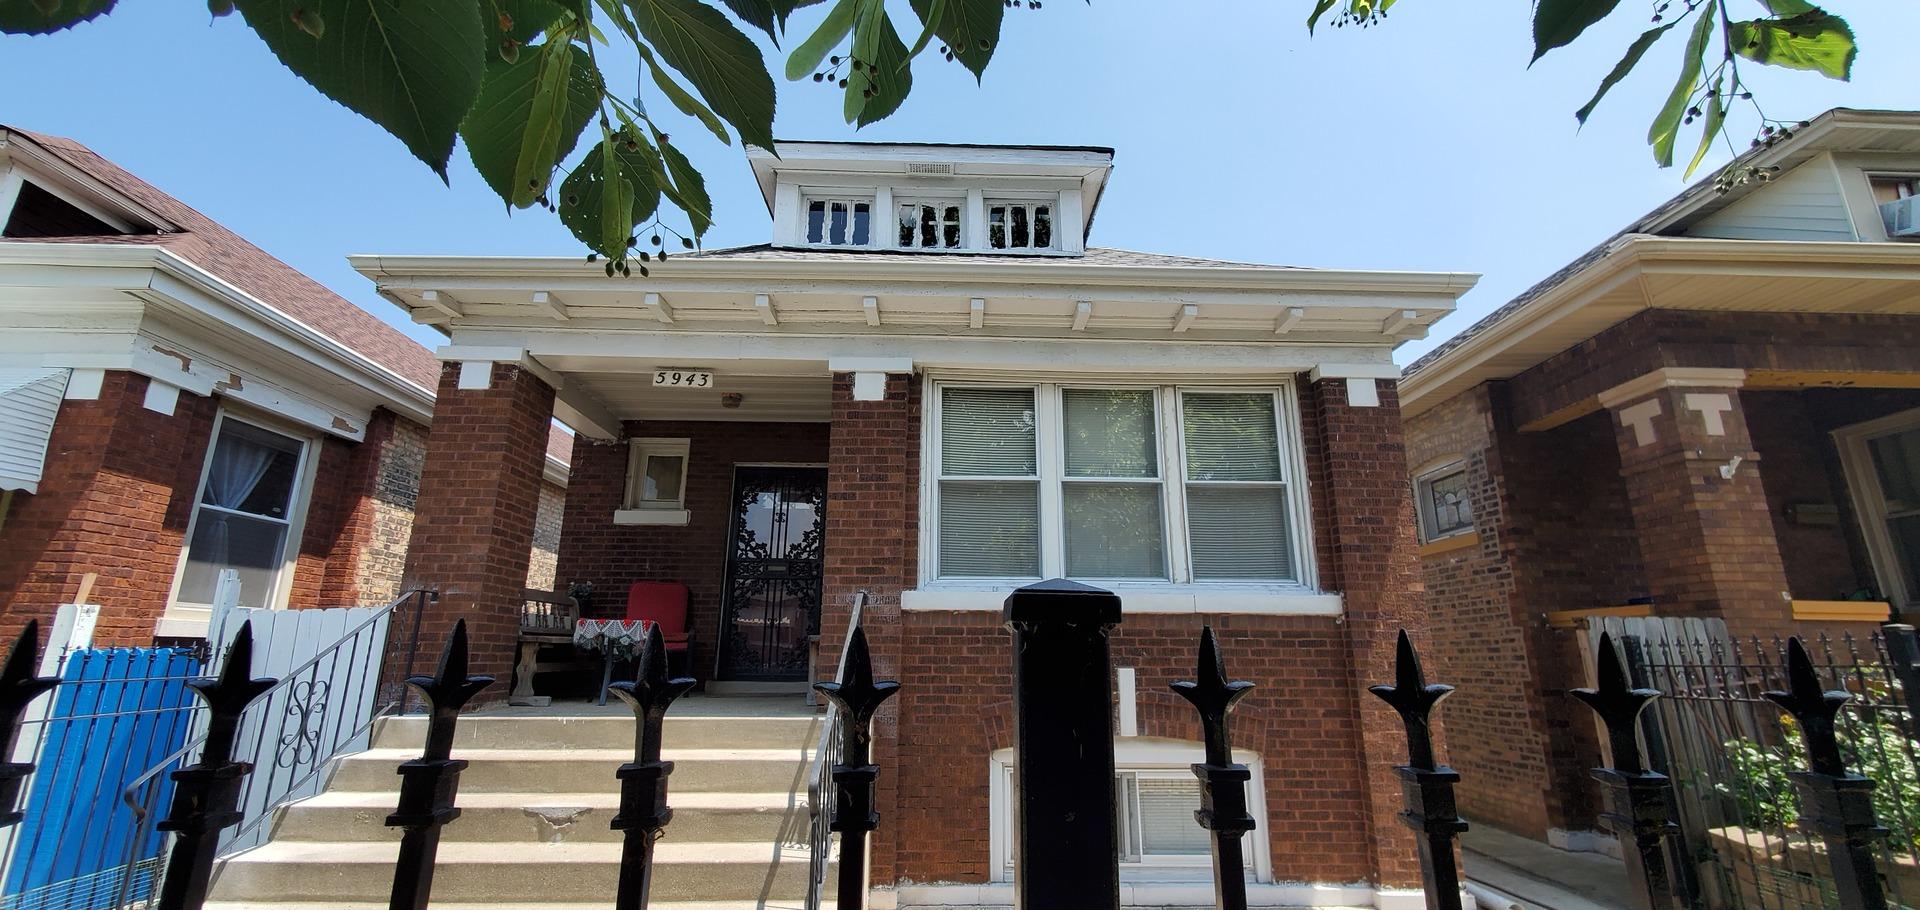 5943 S Washtenaw Avenue, Chicago IL 60629